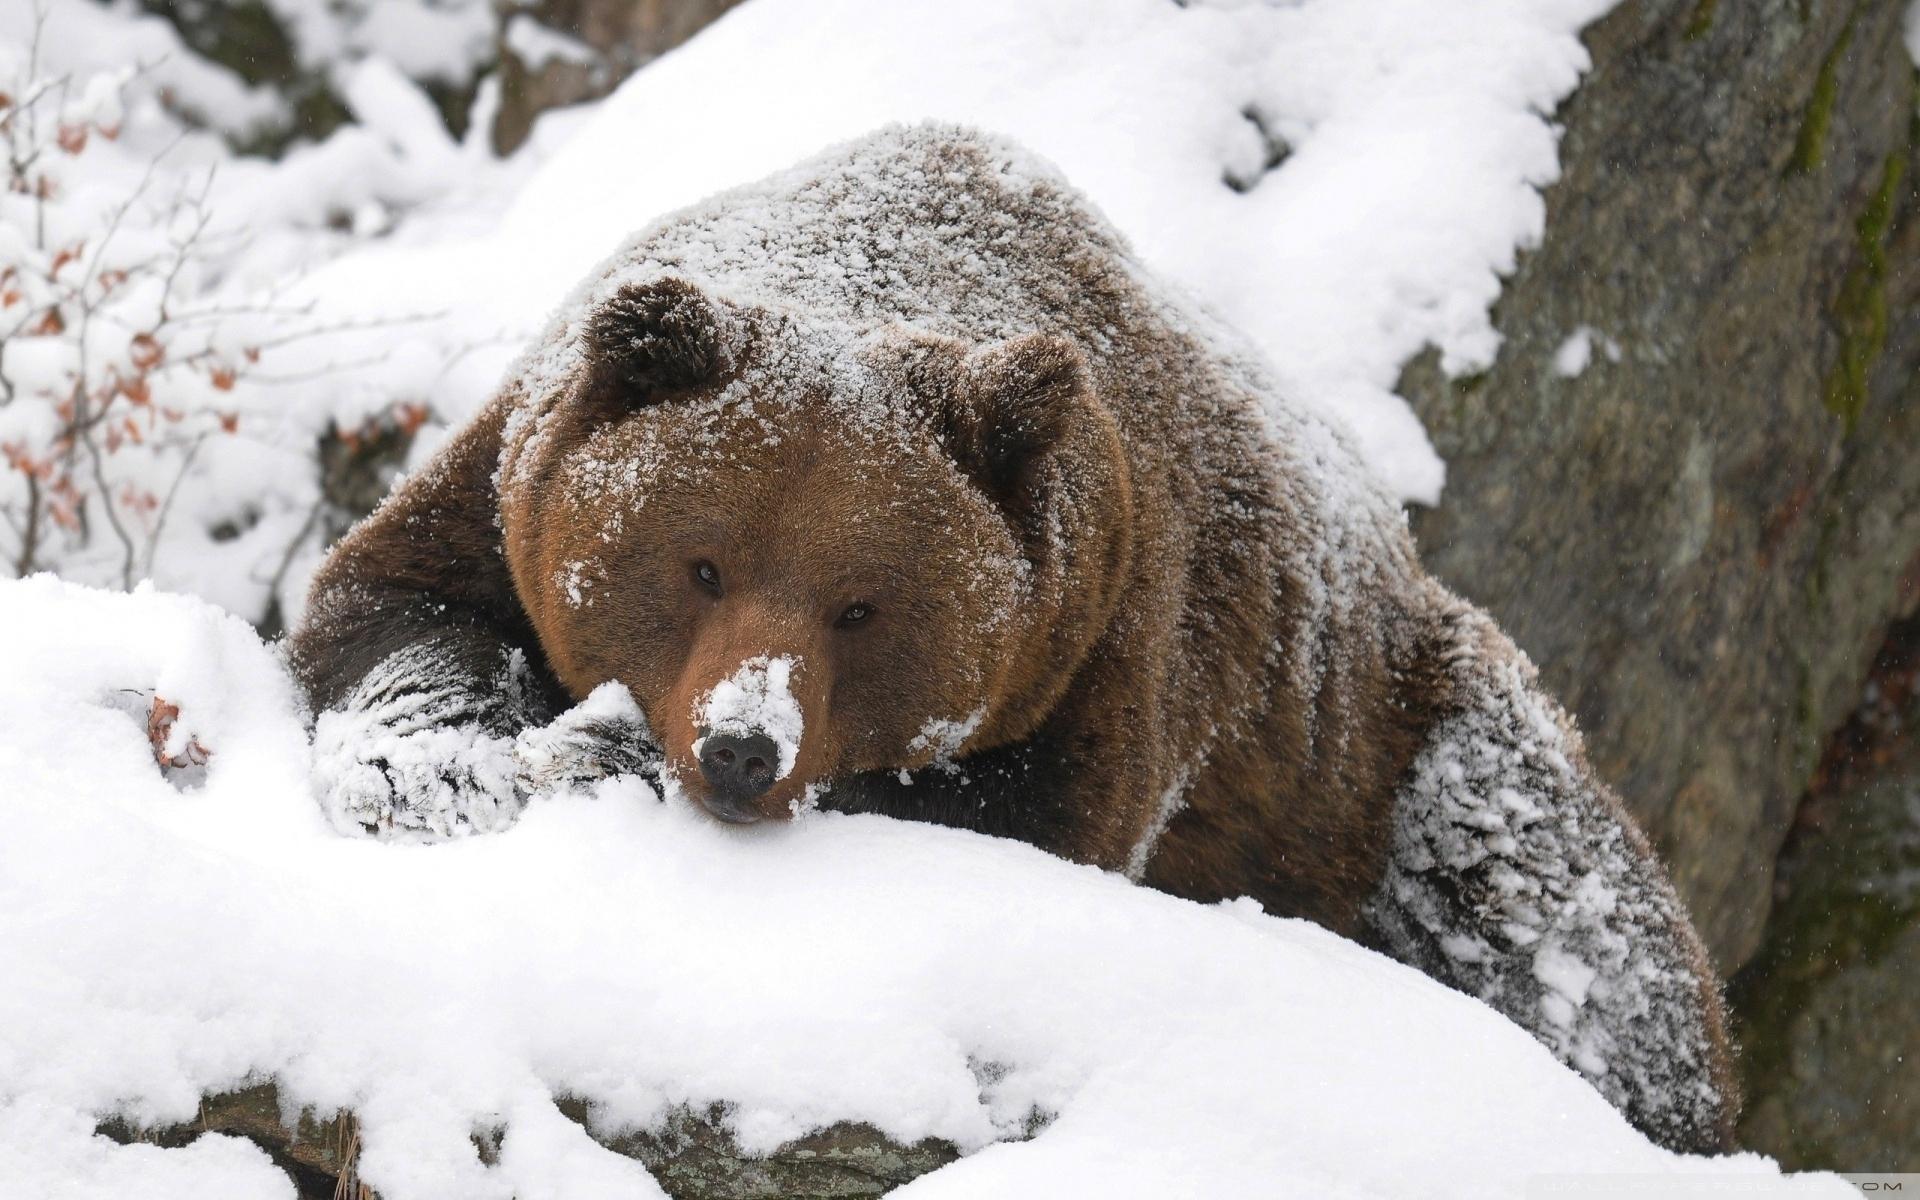 морской торт фото бурый медведь в снегу боксер счастлив